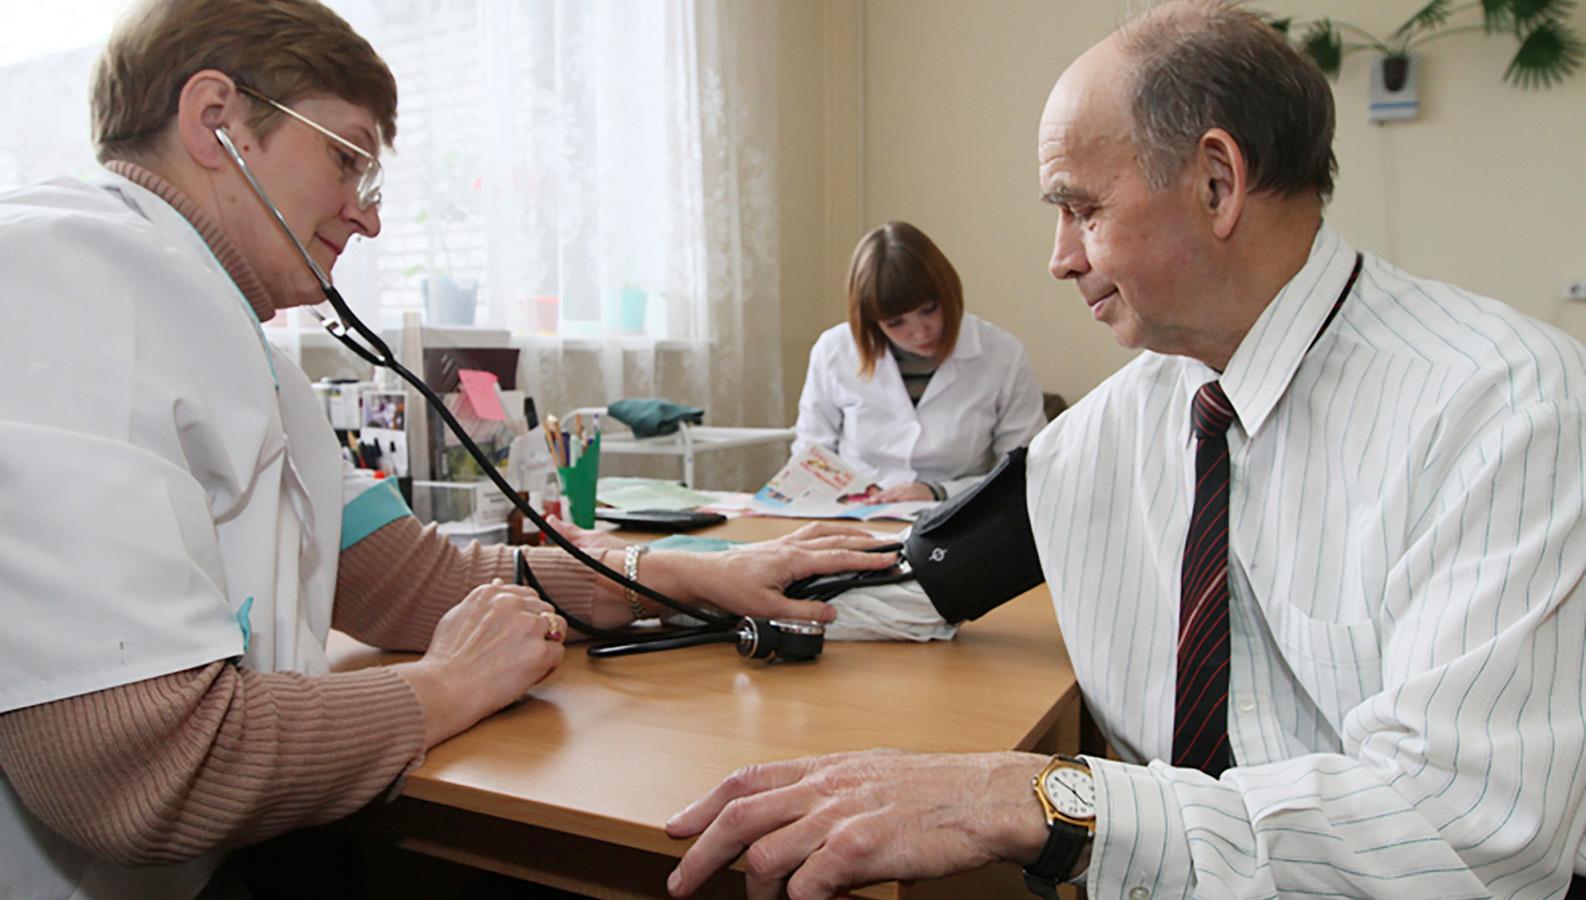 Москвичей призвали заранее отменять визит к врачу